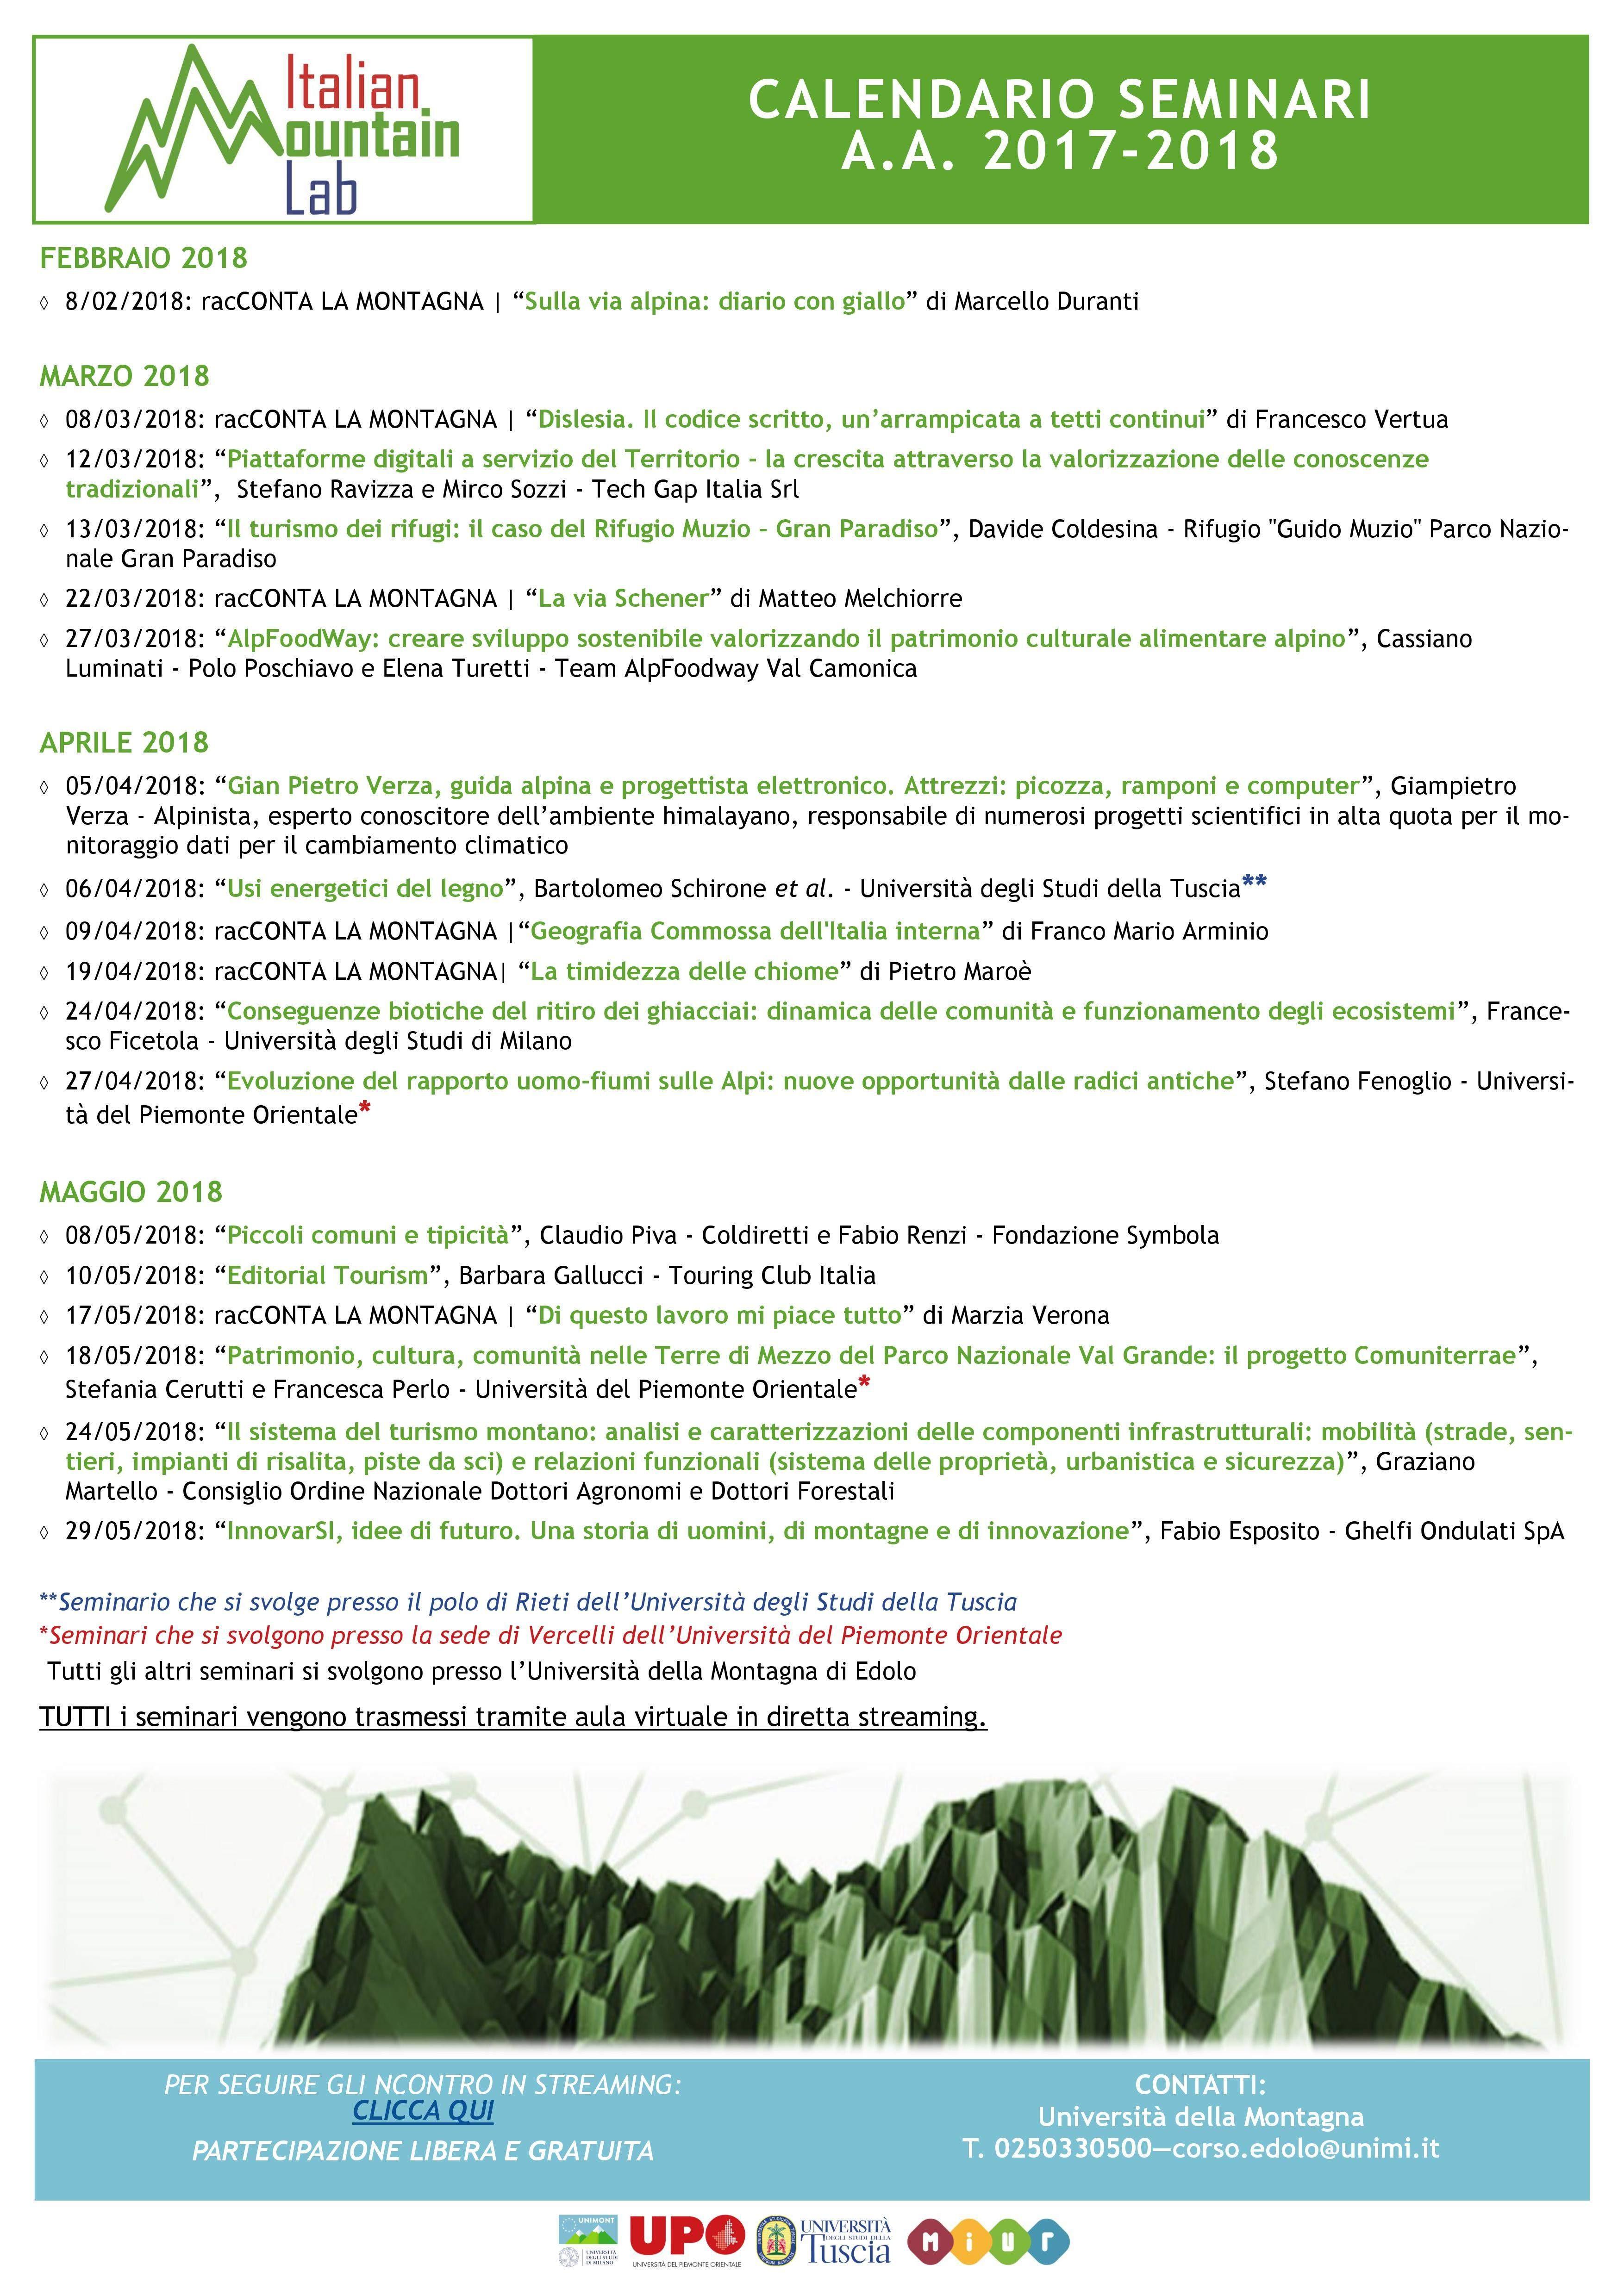 Di seguito il calendario del primo ciclo seminariale